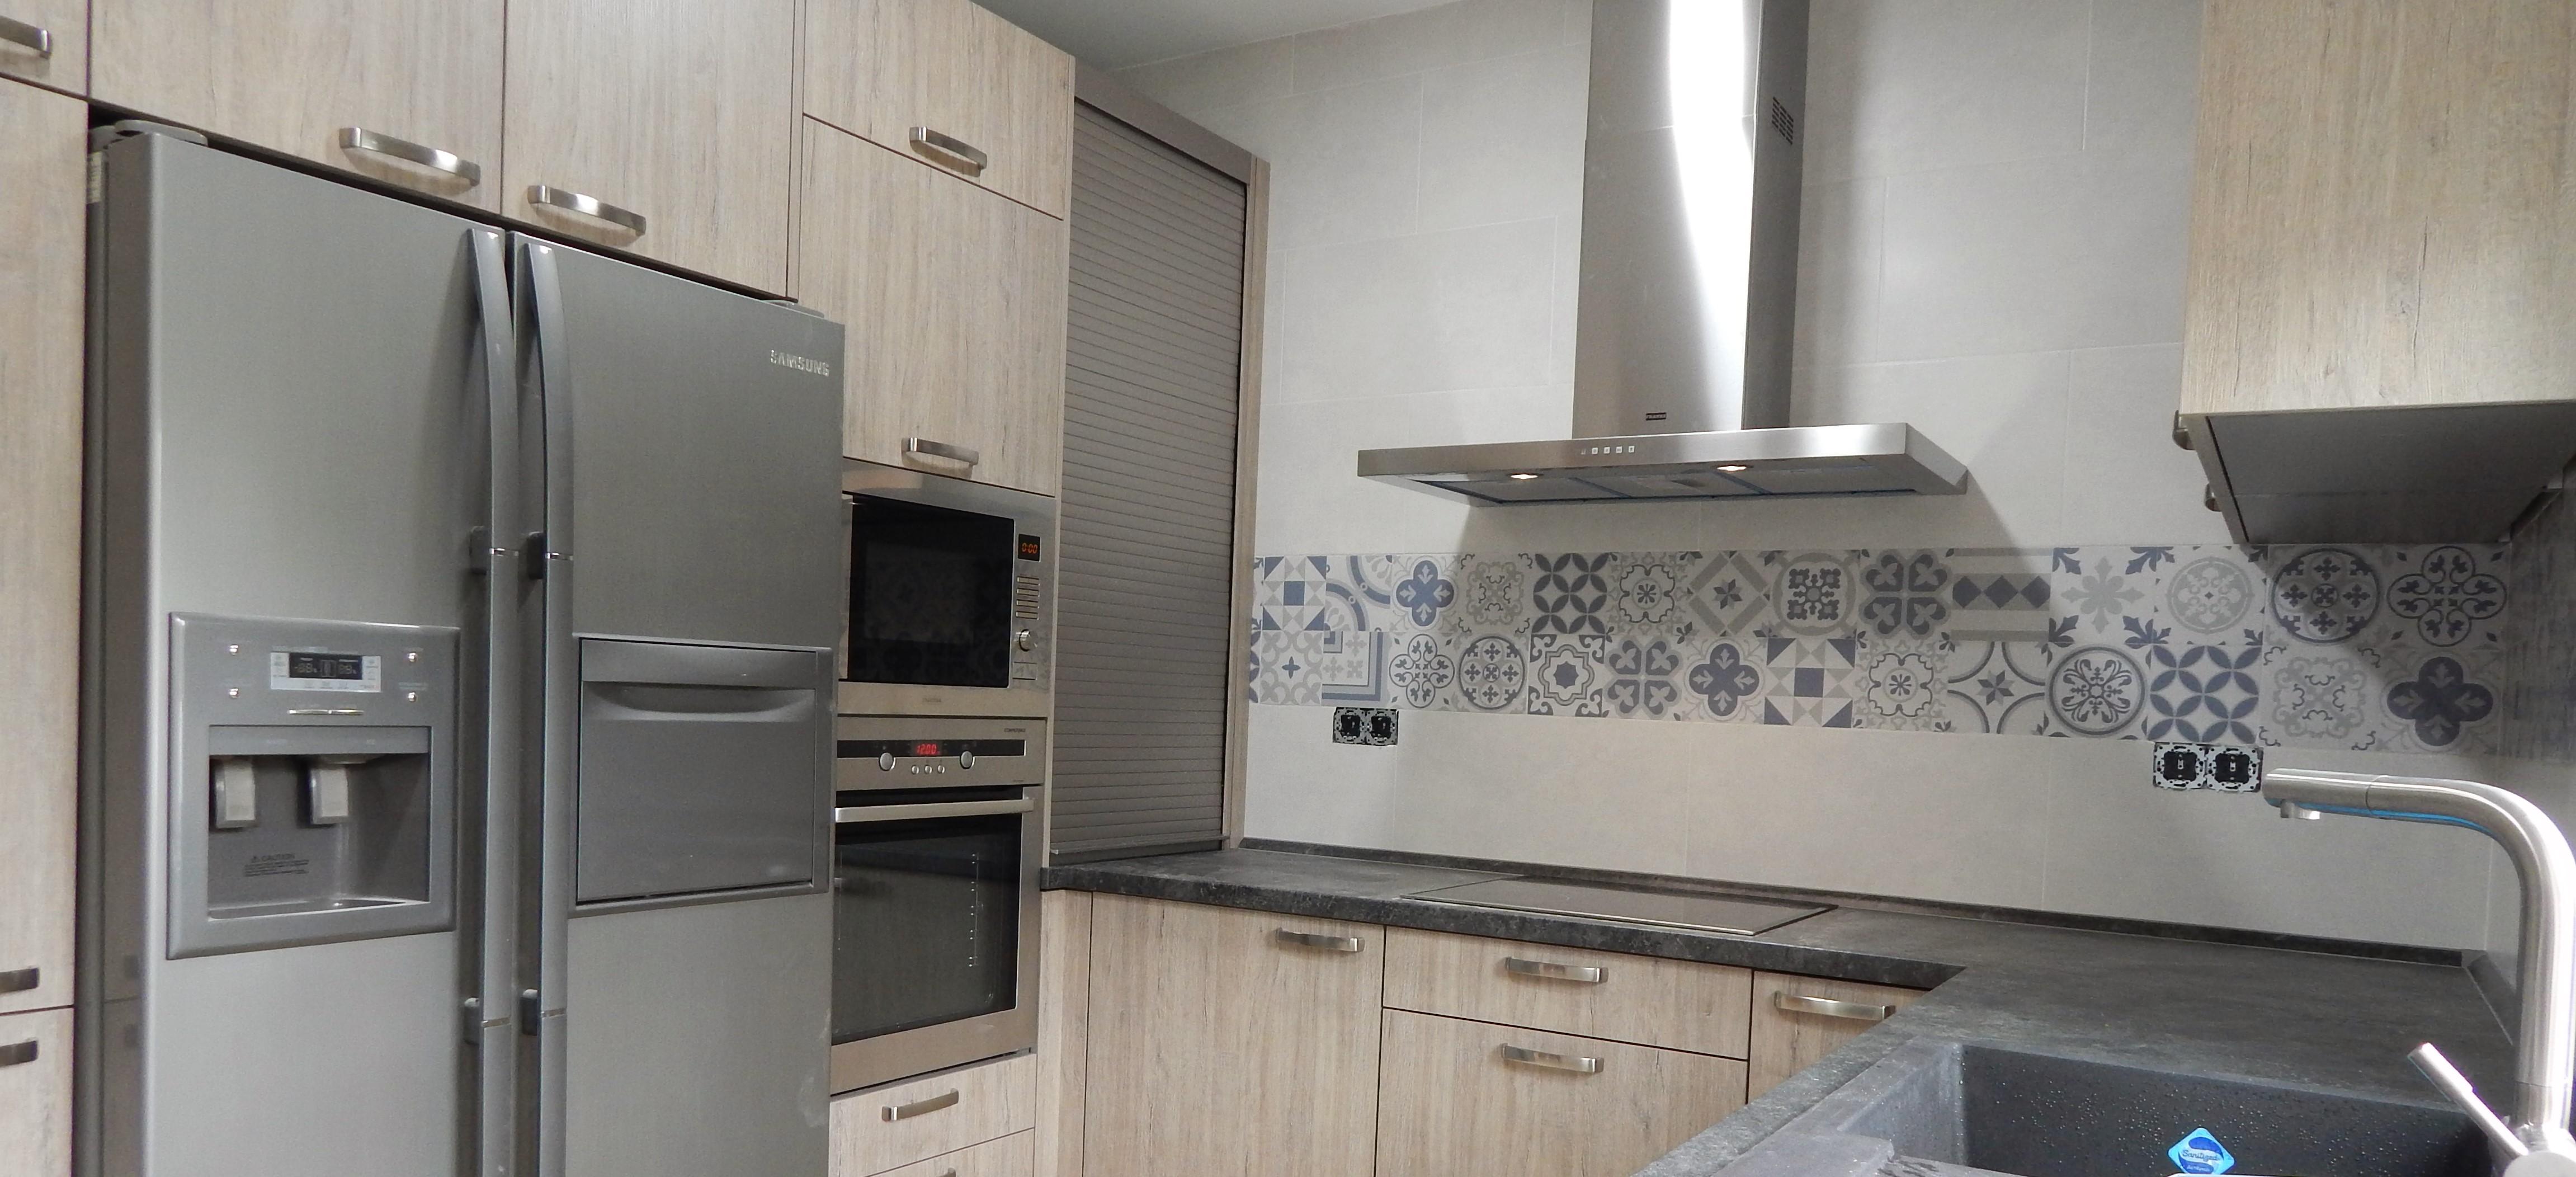 Muebles De Cocina Forlady - Ideas De Disenos - Ciboney.net